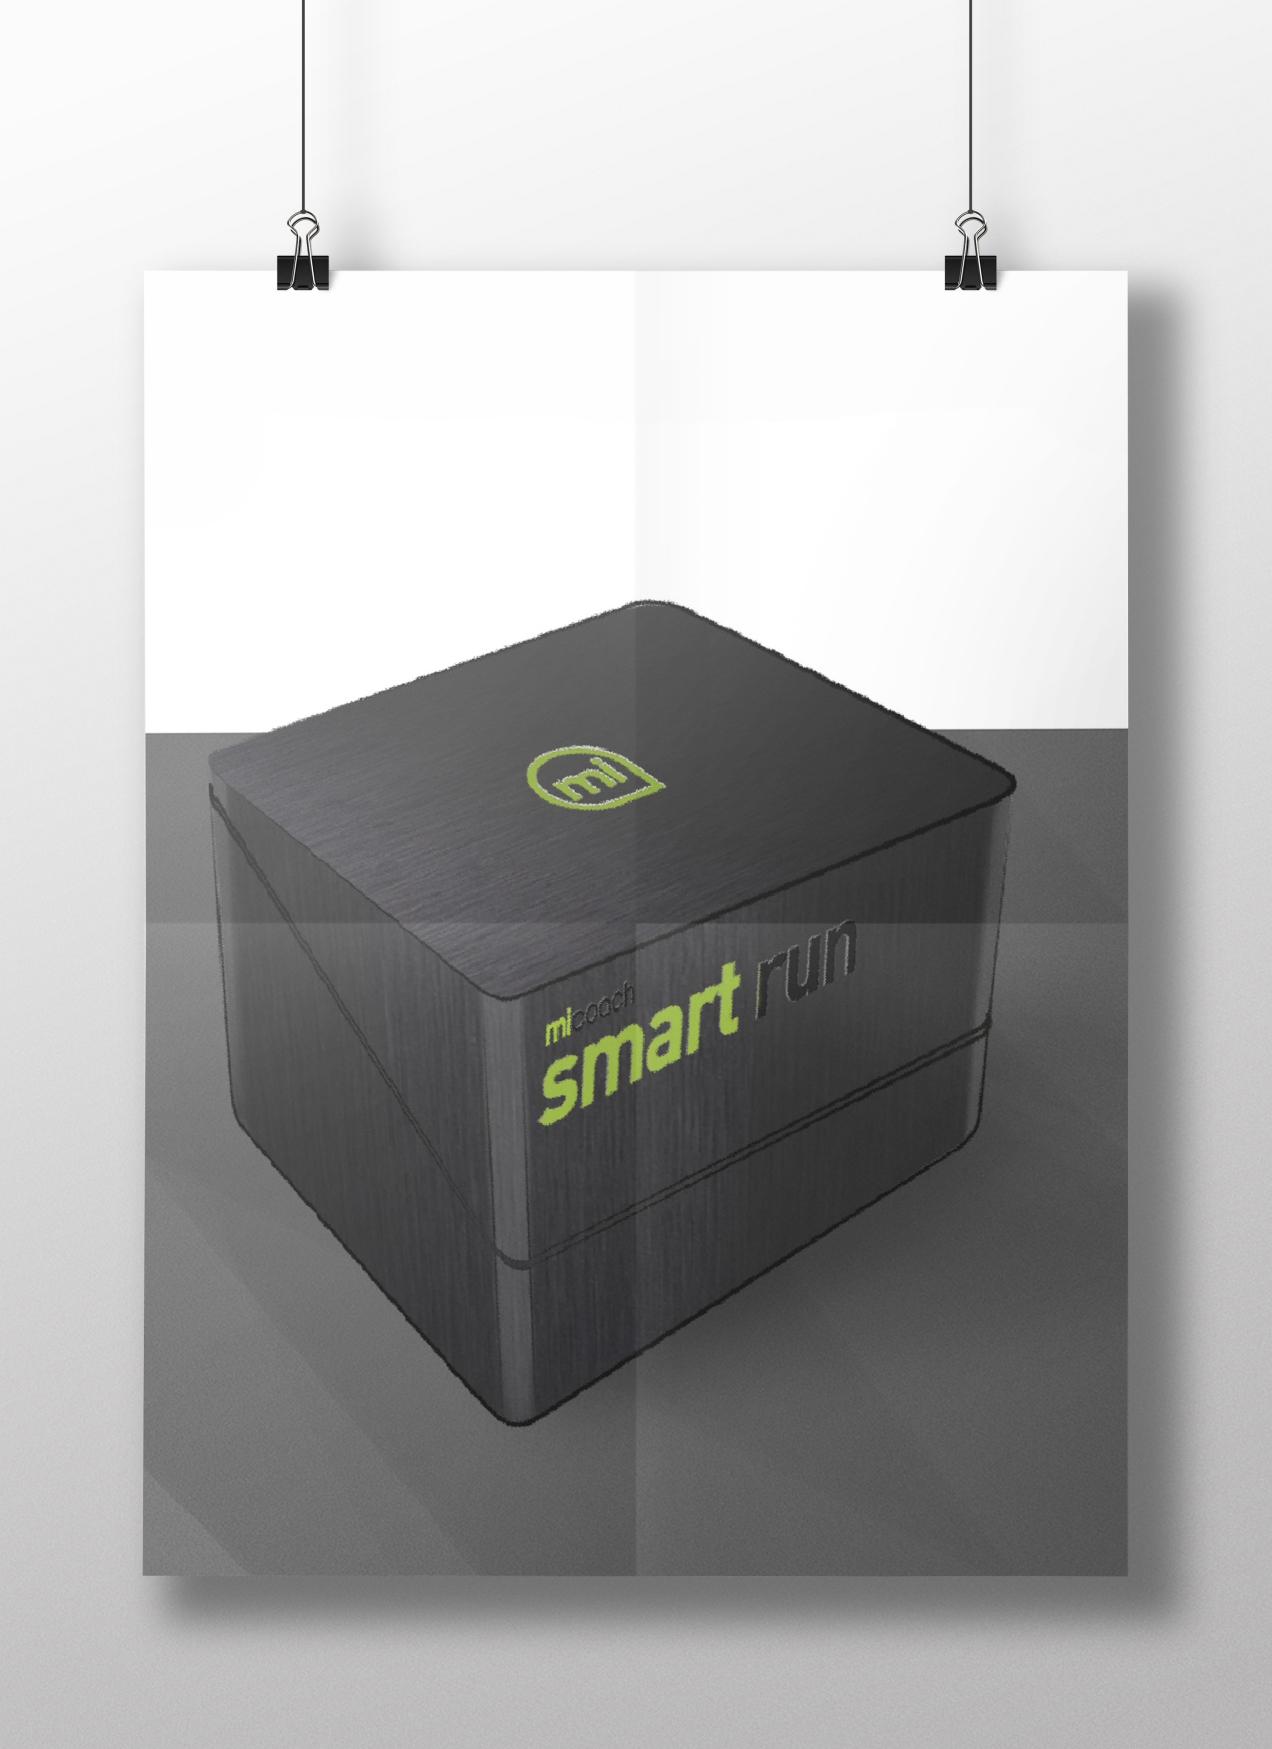 smart plakat_1